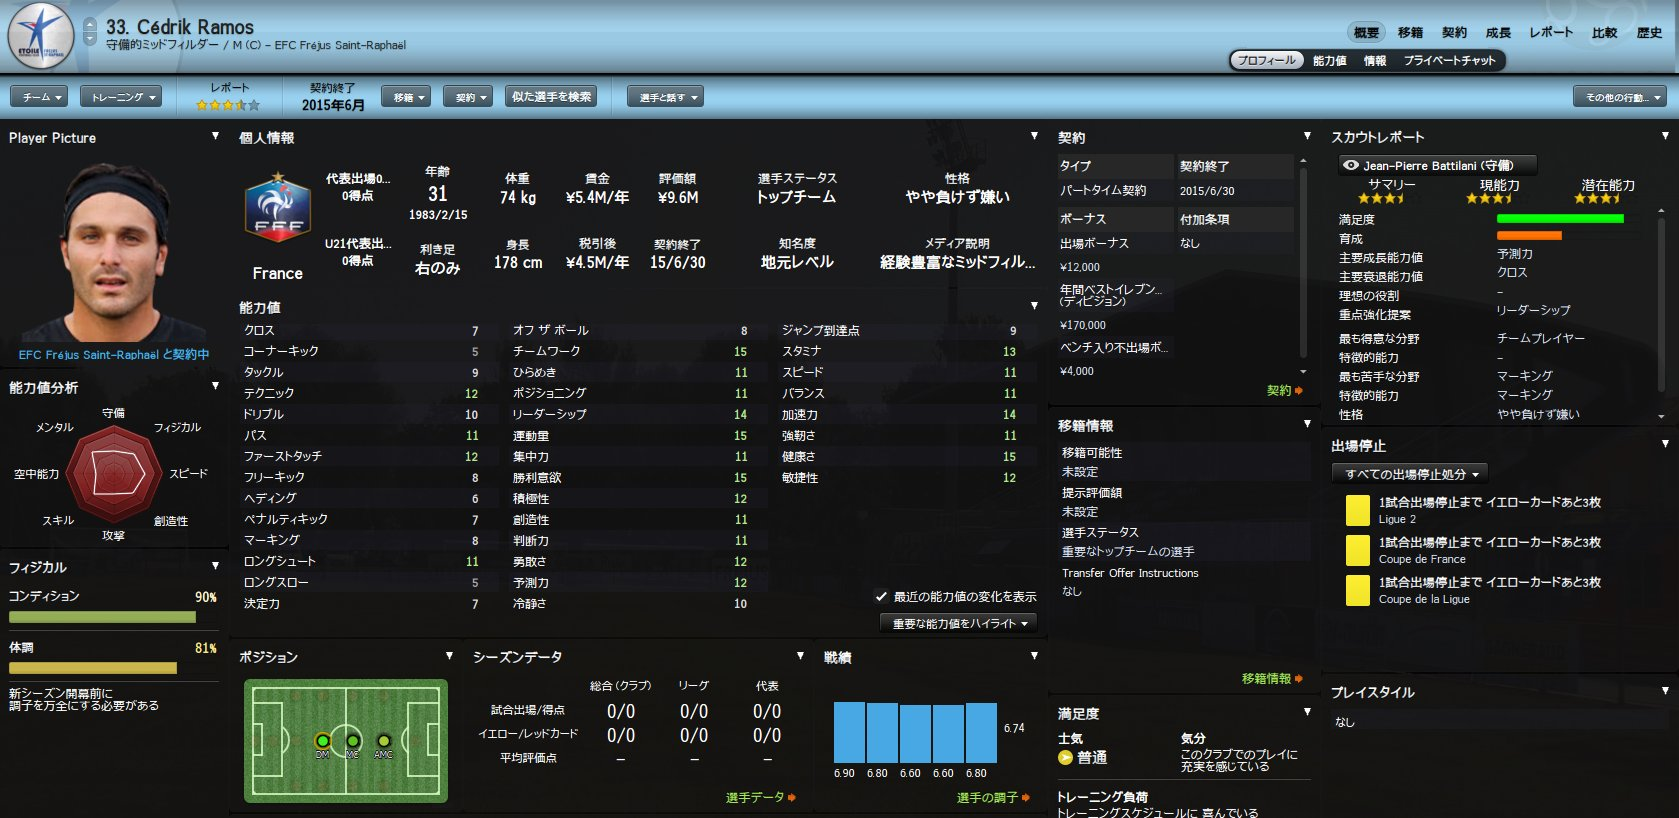 WS003267.jpg